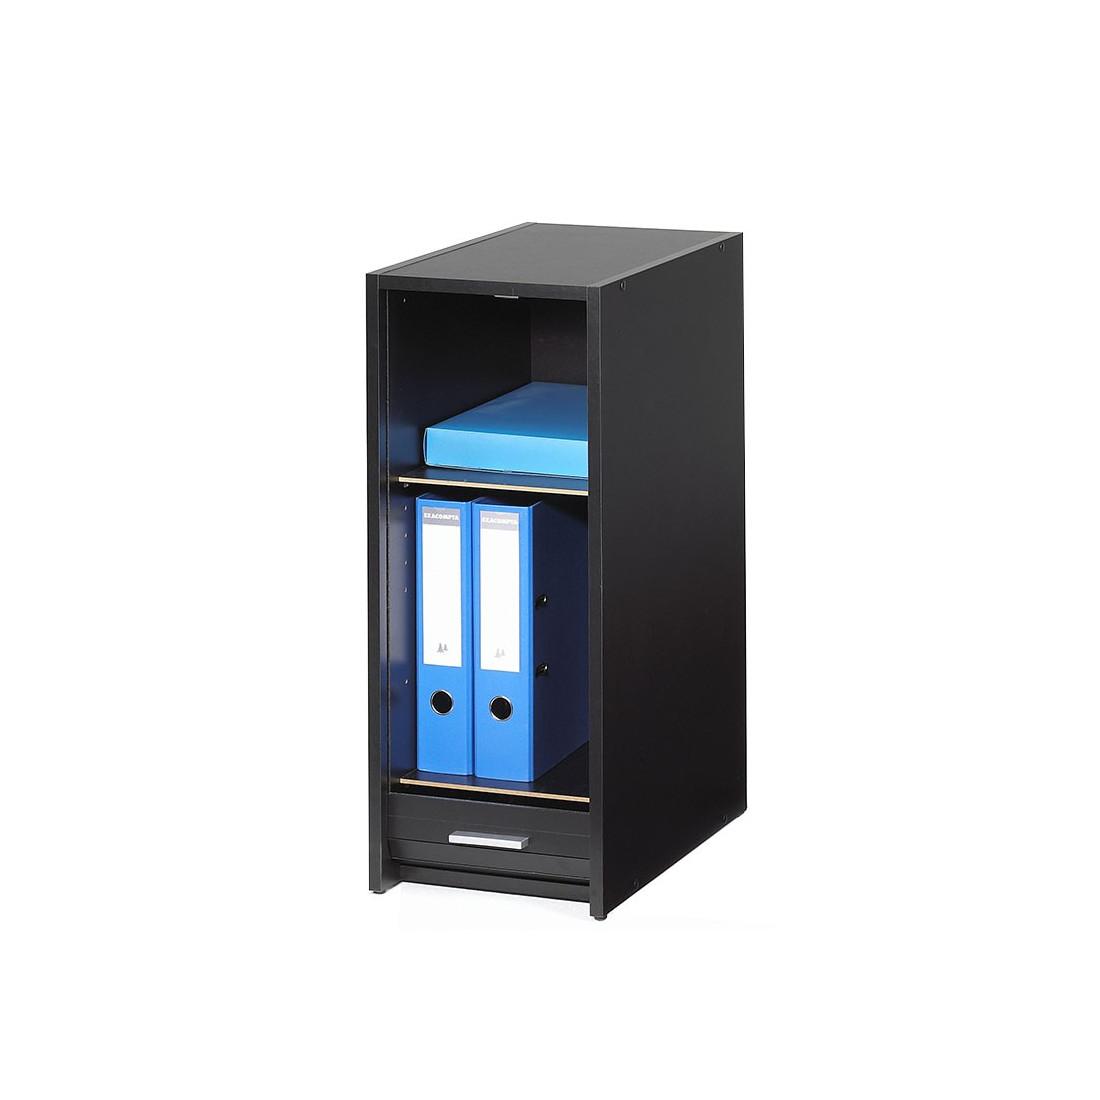 caisson rideau noir et caisson noir jeezy n 1 univers bureau. Black Bedroom Furniture Sets. Home Design Ideas